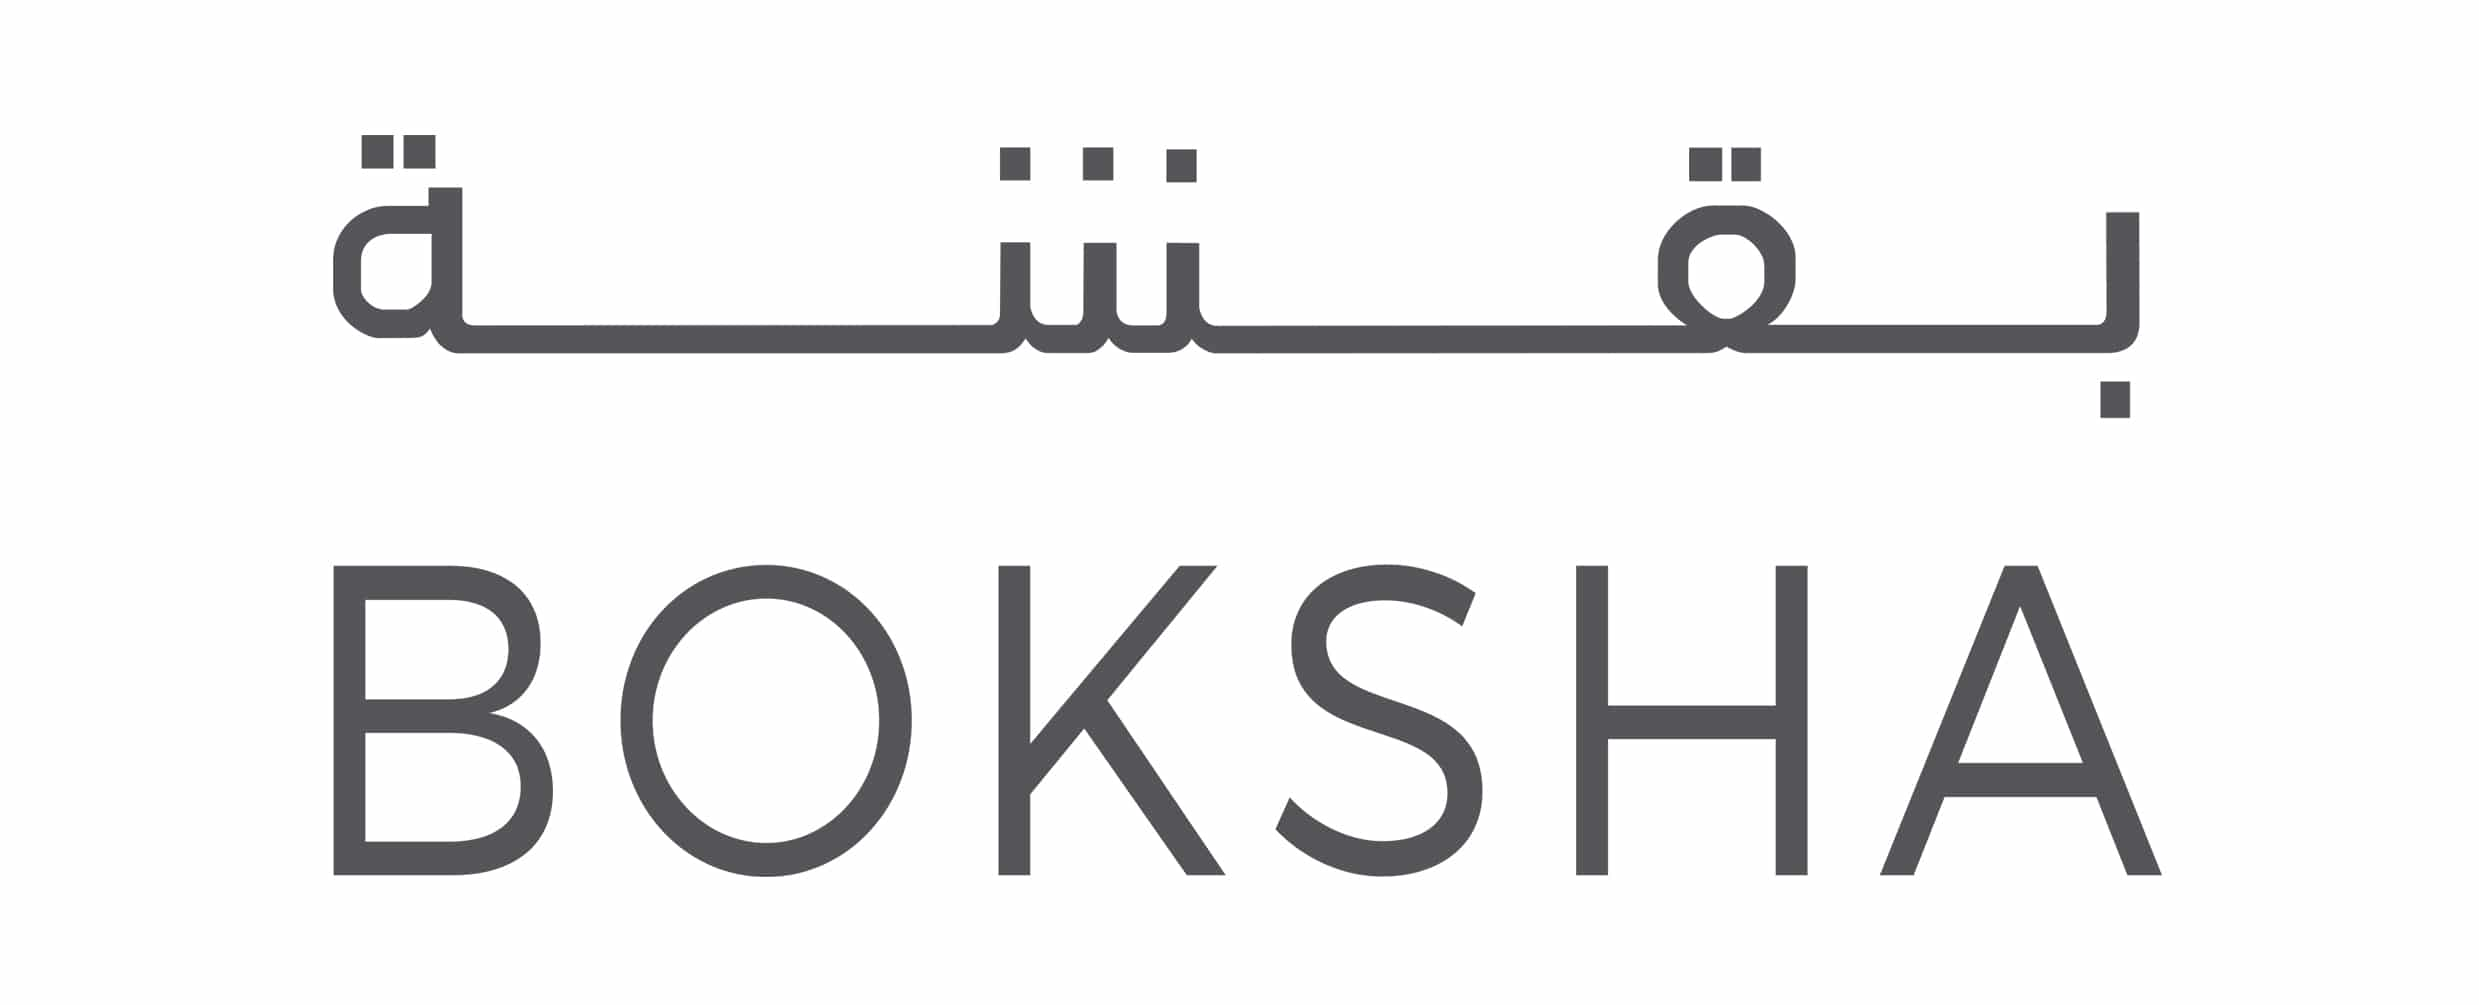 Boksha logo